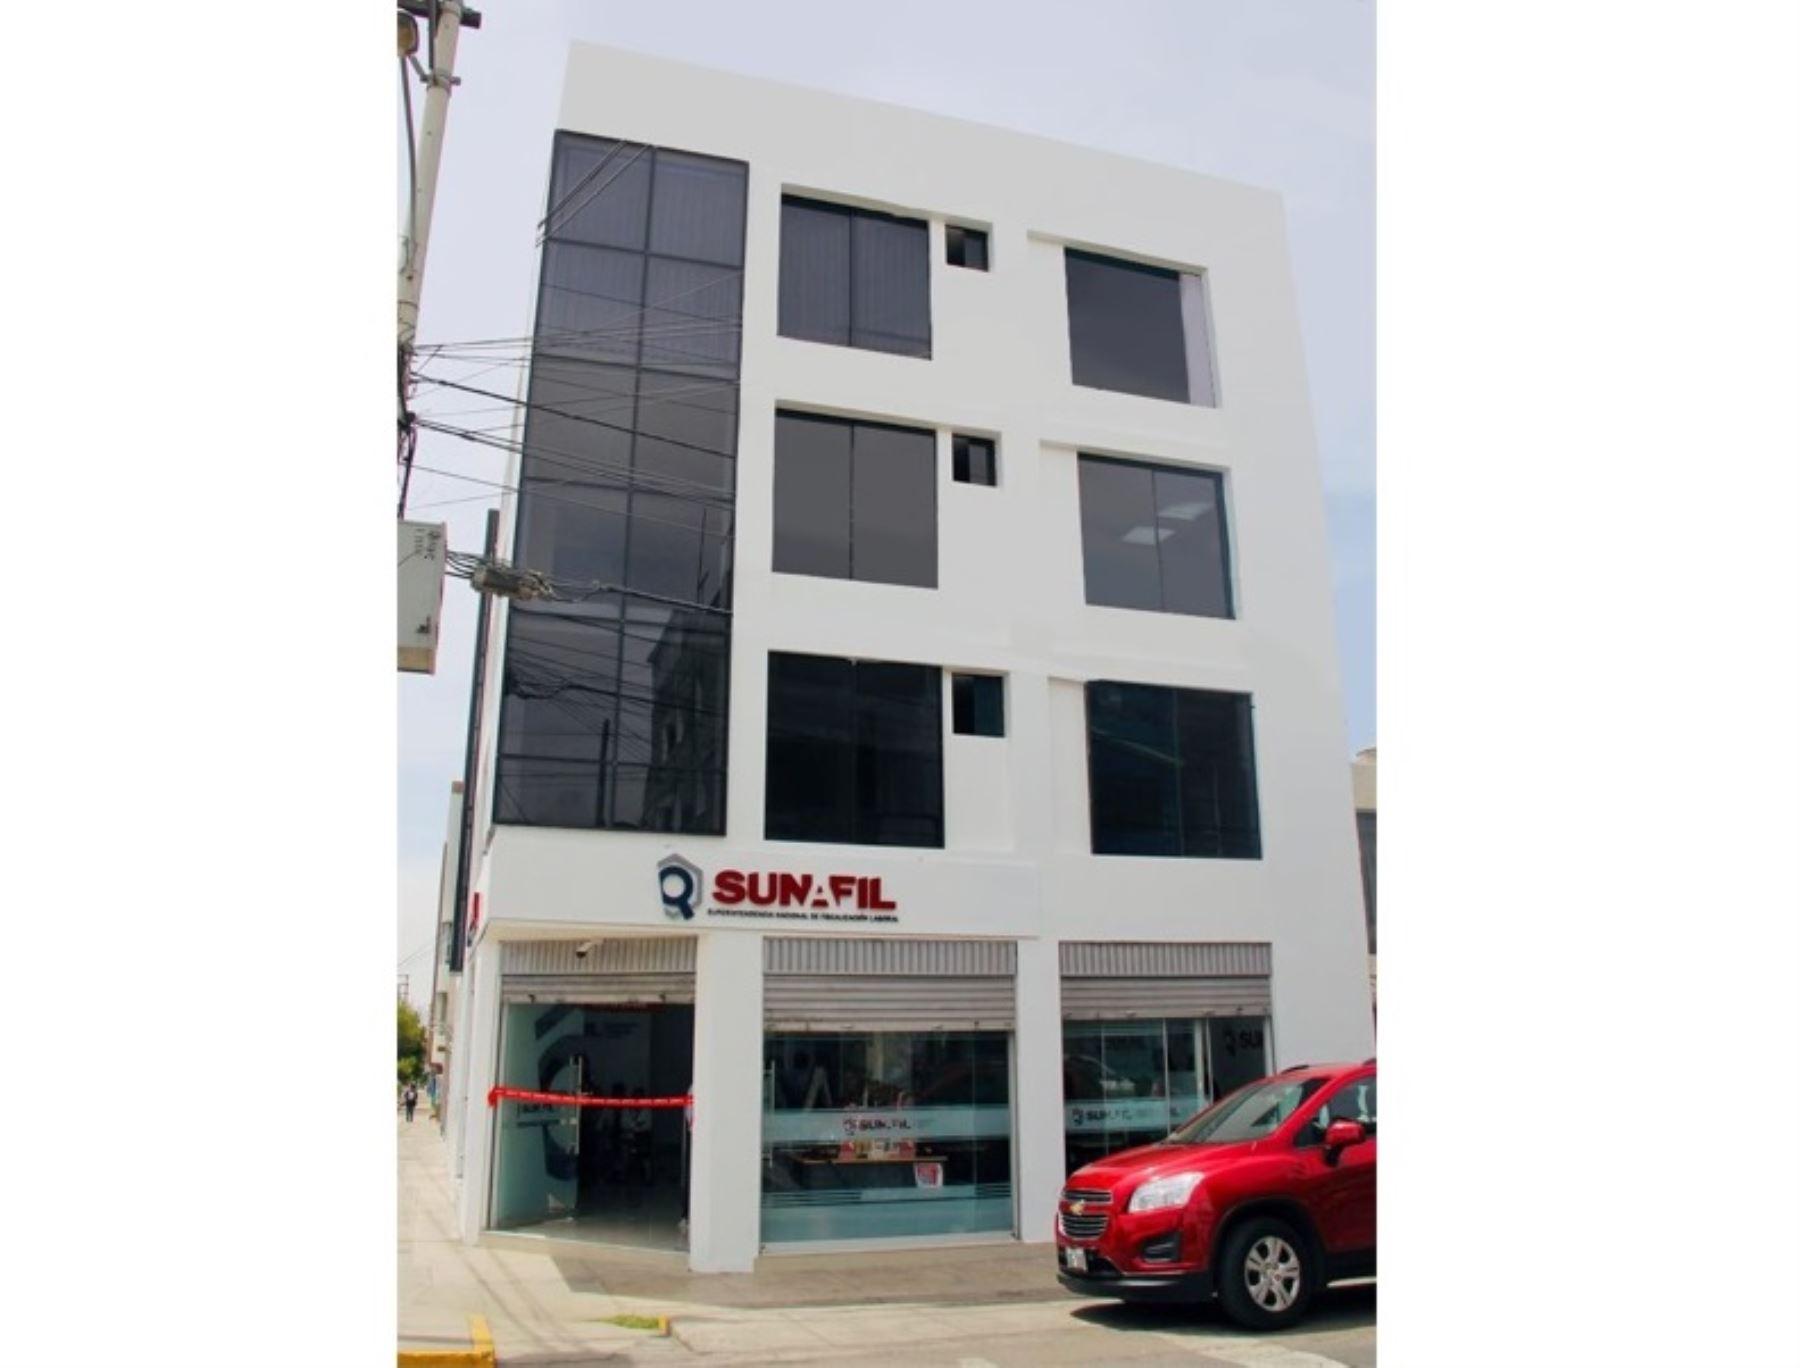 Sunafil informó que impuso una sanción a la empresa Gloria por suplantar a trabajadores en huelga en su planta ubicada en Arequipa.